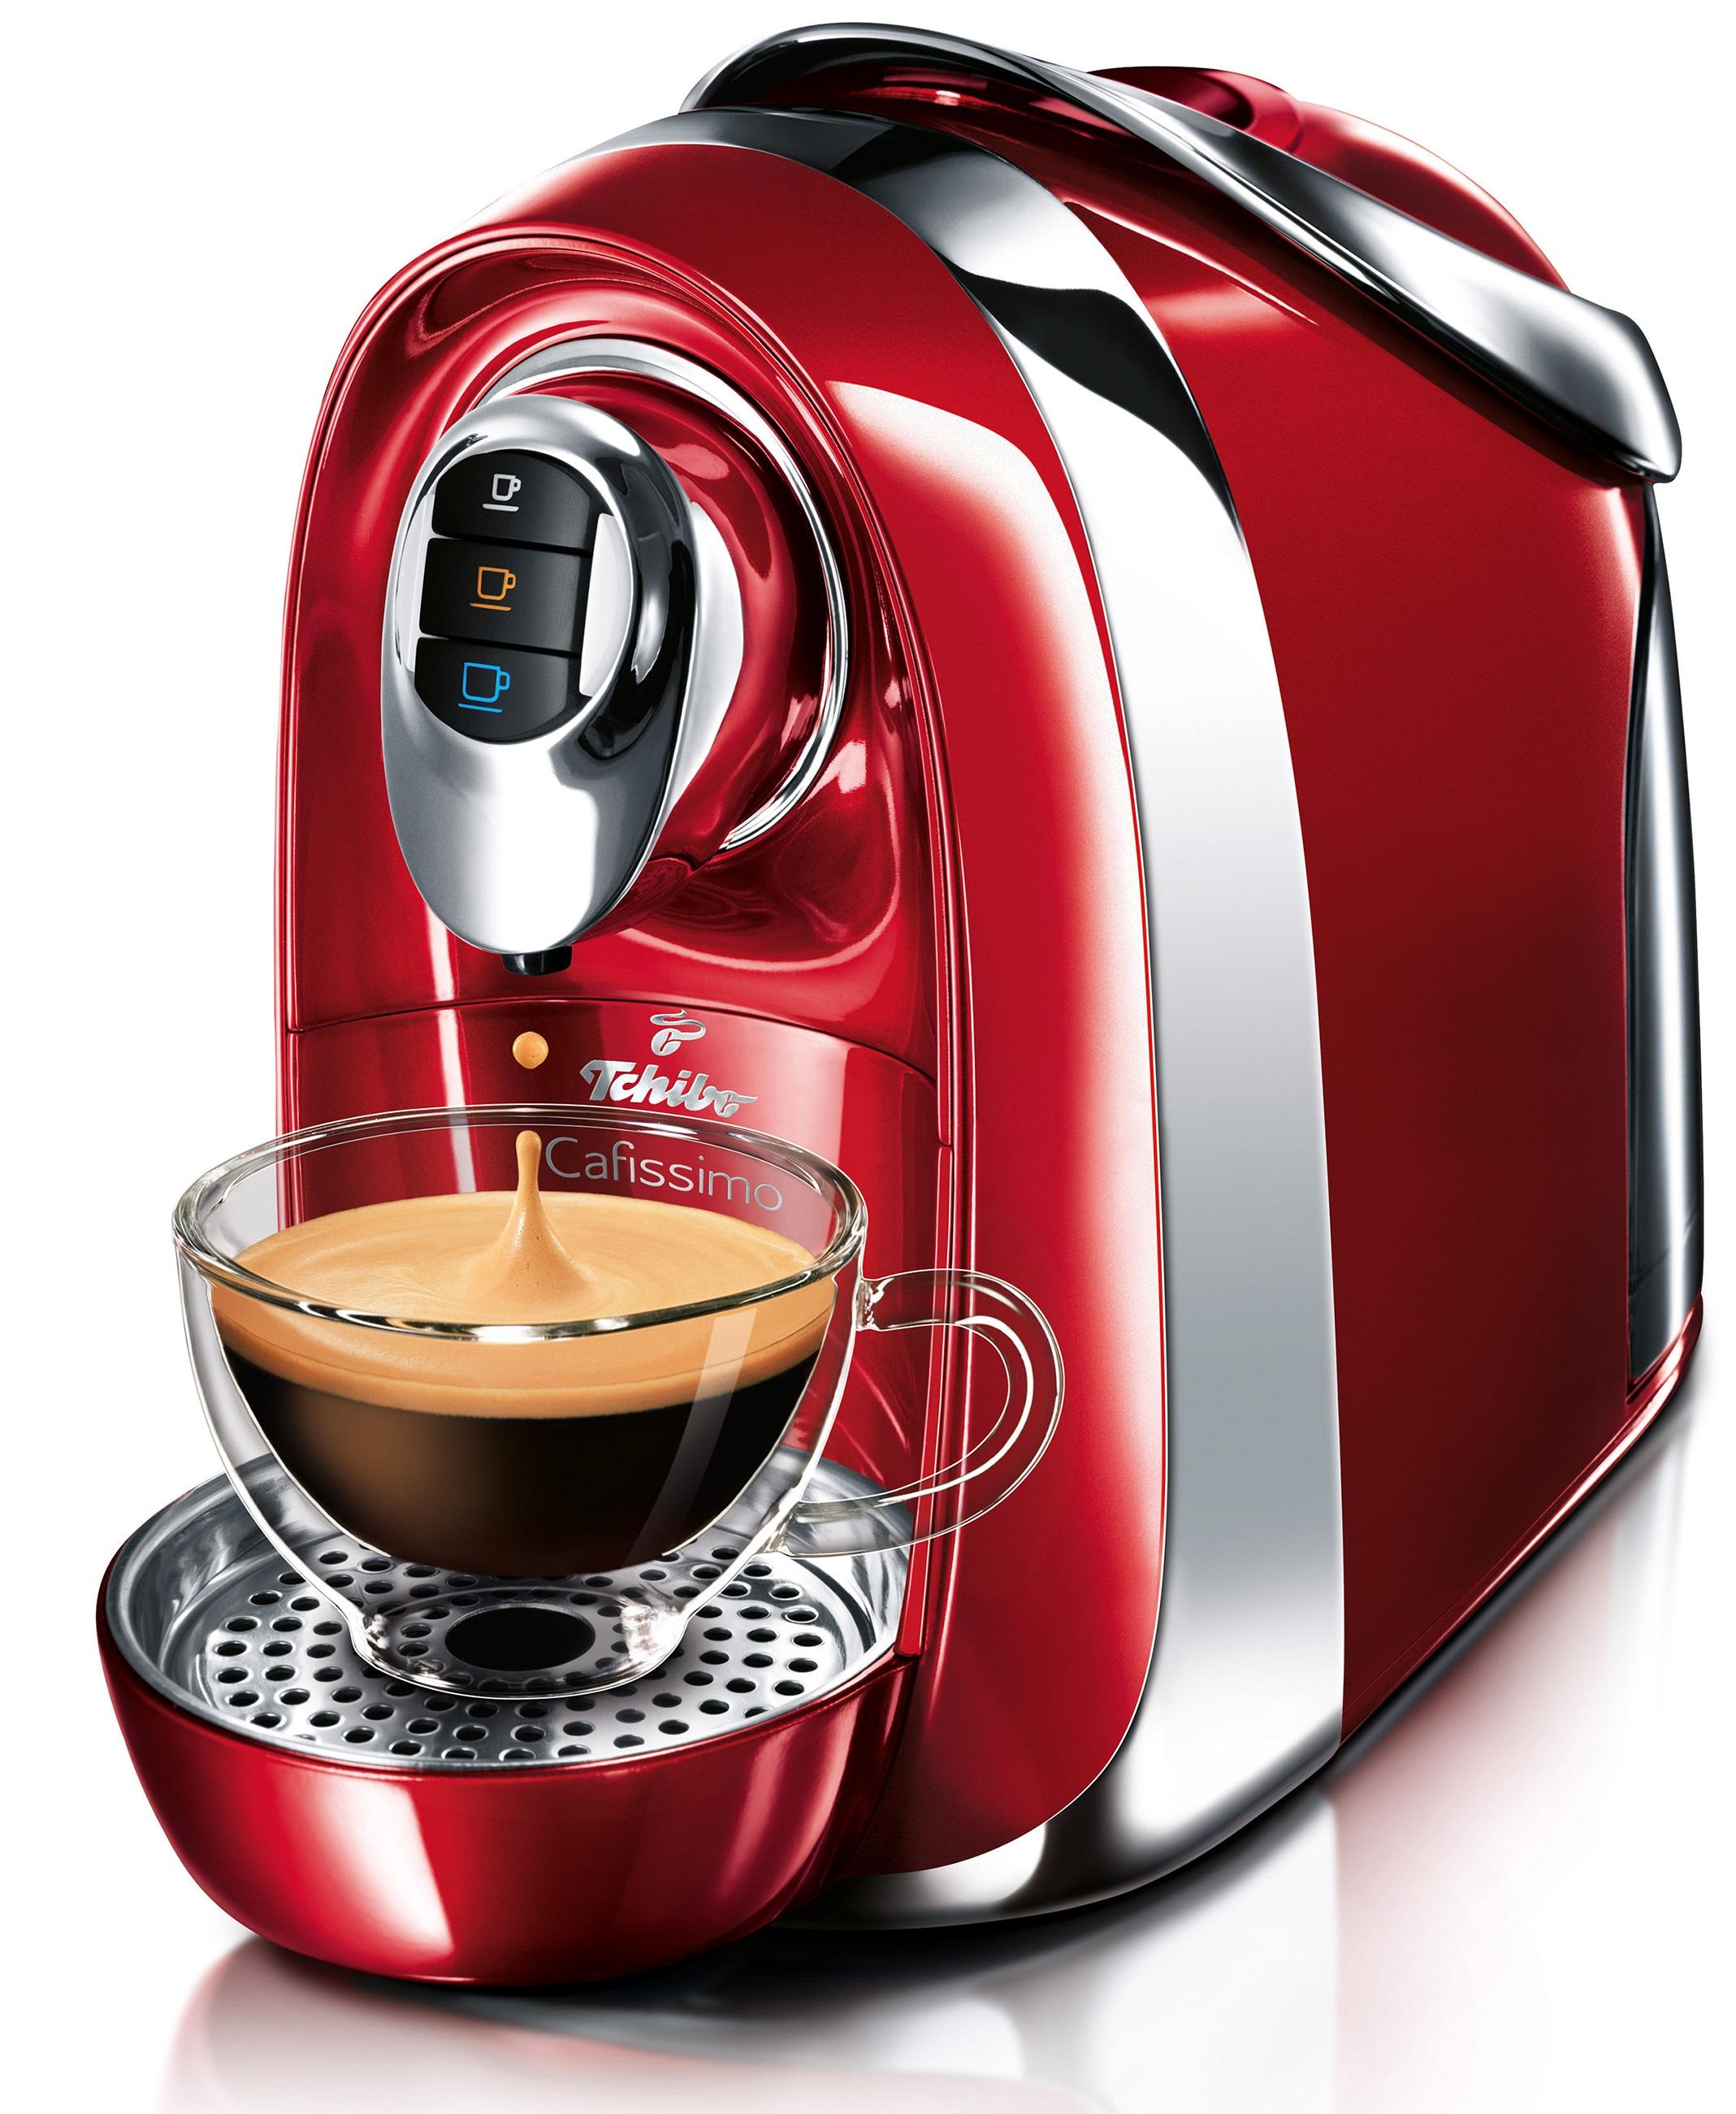 Descriere Aparat de cafea, 1.1L, rosu, 15 bar, Espressor TCHIBO Cafissimo Compact